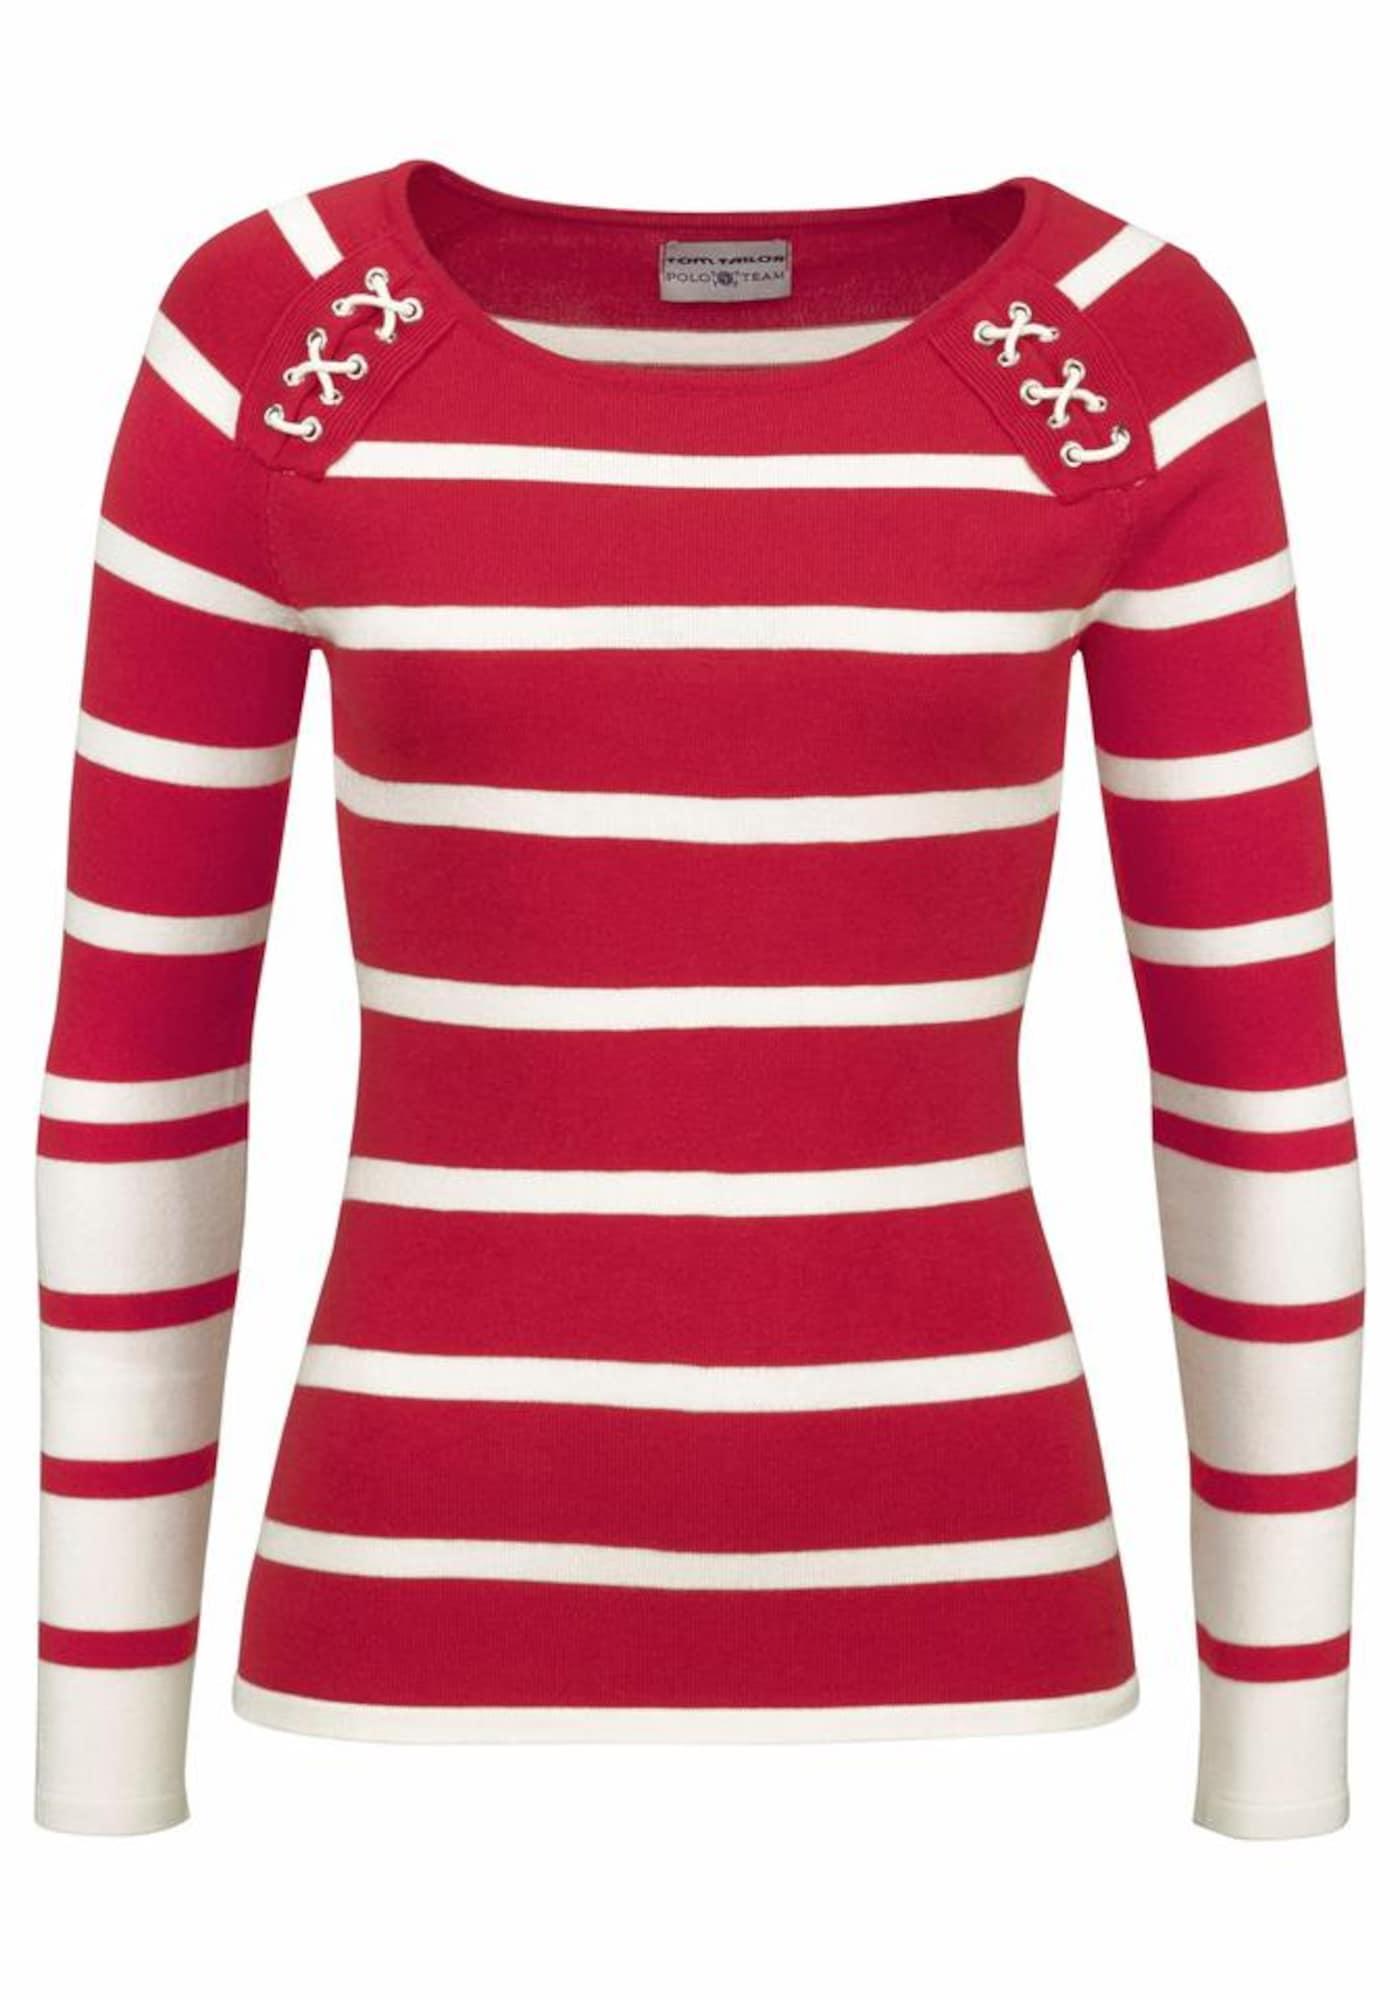 Streifenpullover   Bekleidung > Pullover > Streifenpullover   Rot - Weiß   Tom Tailor Polo Team